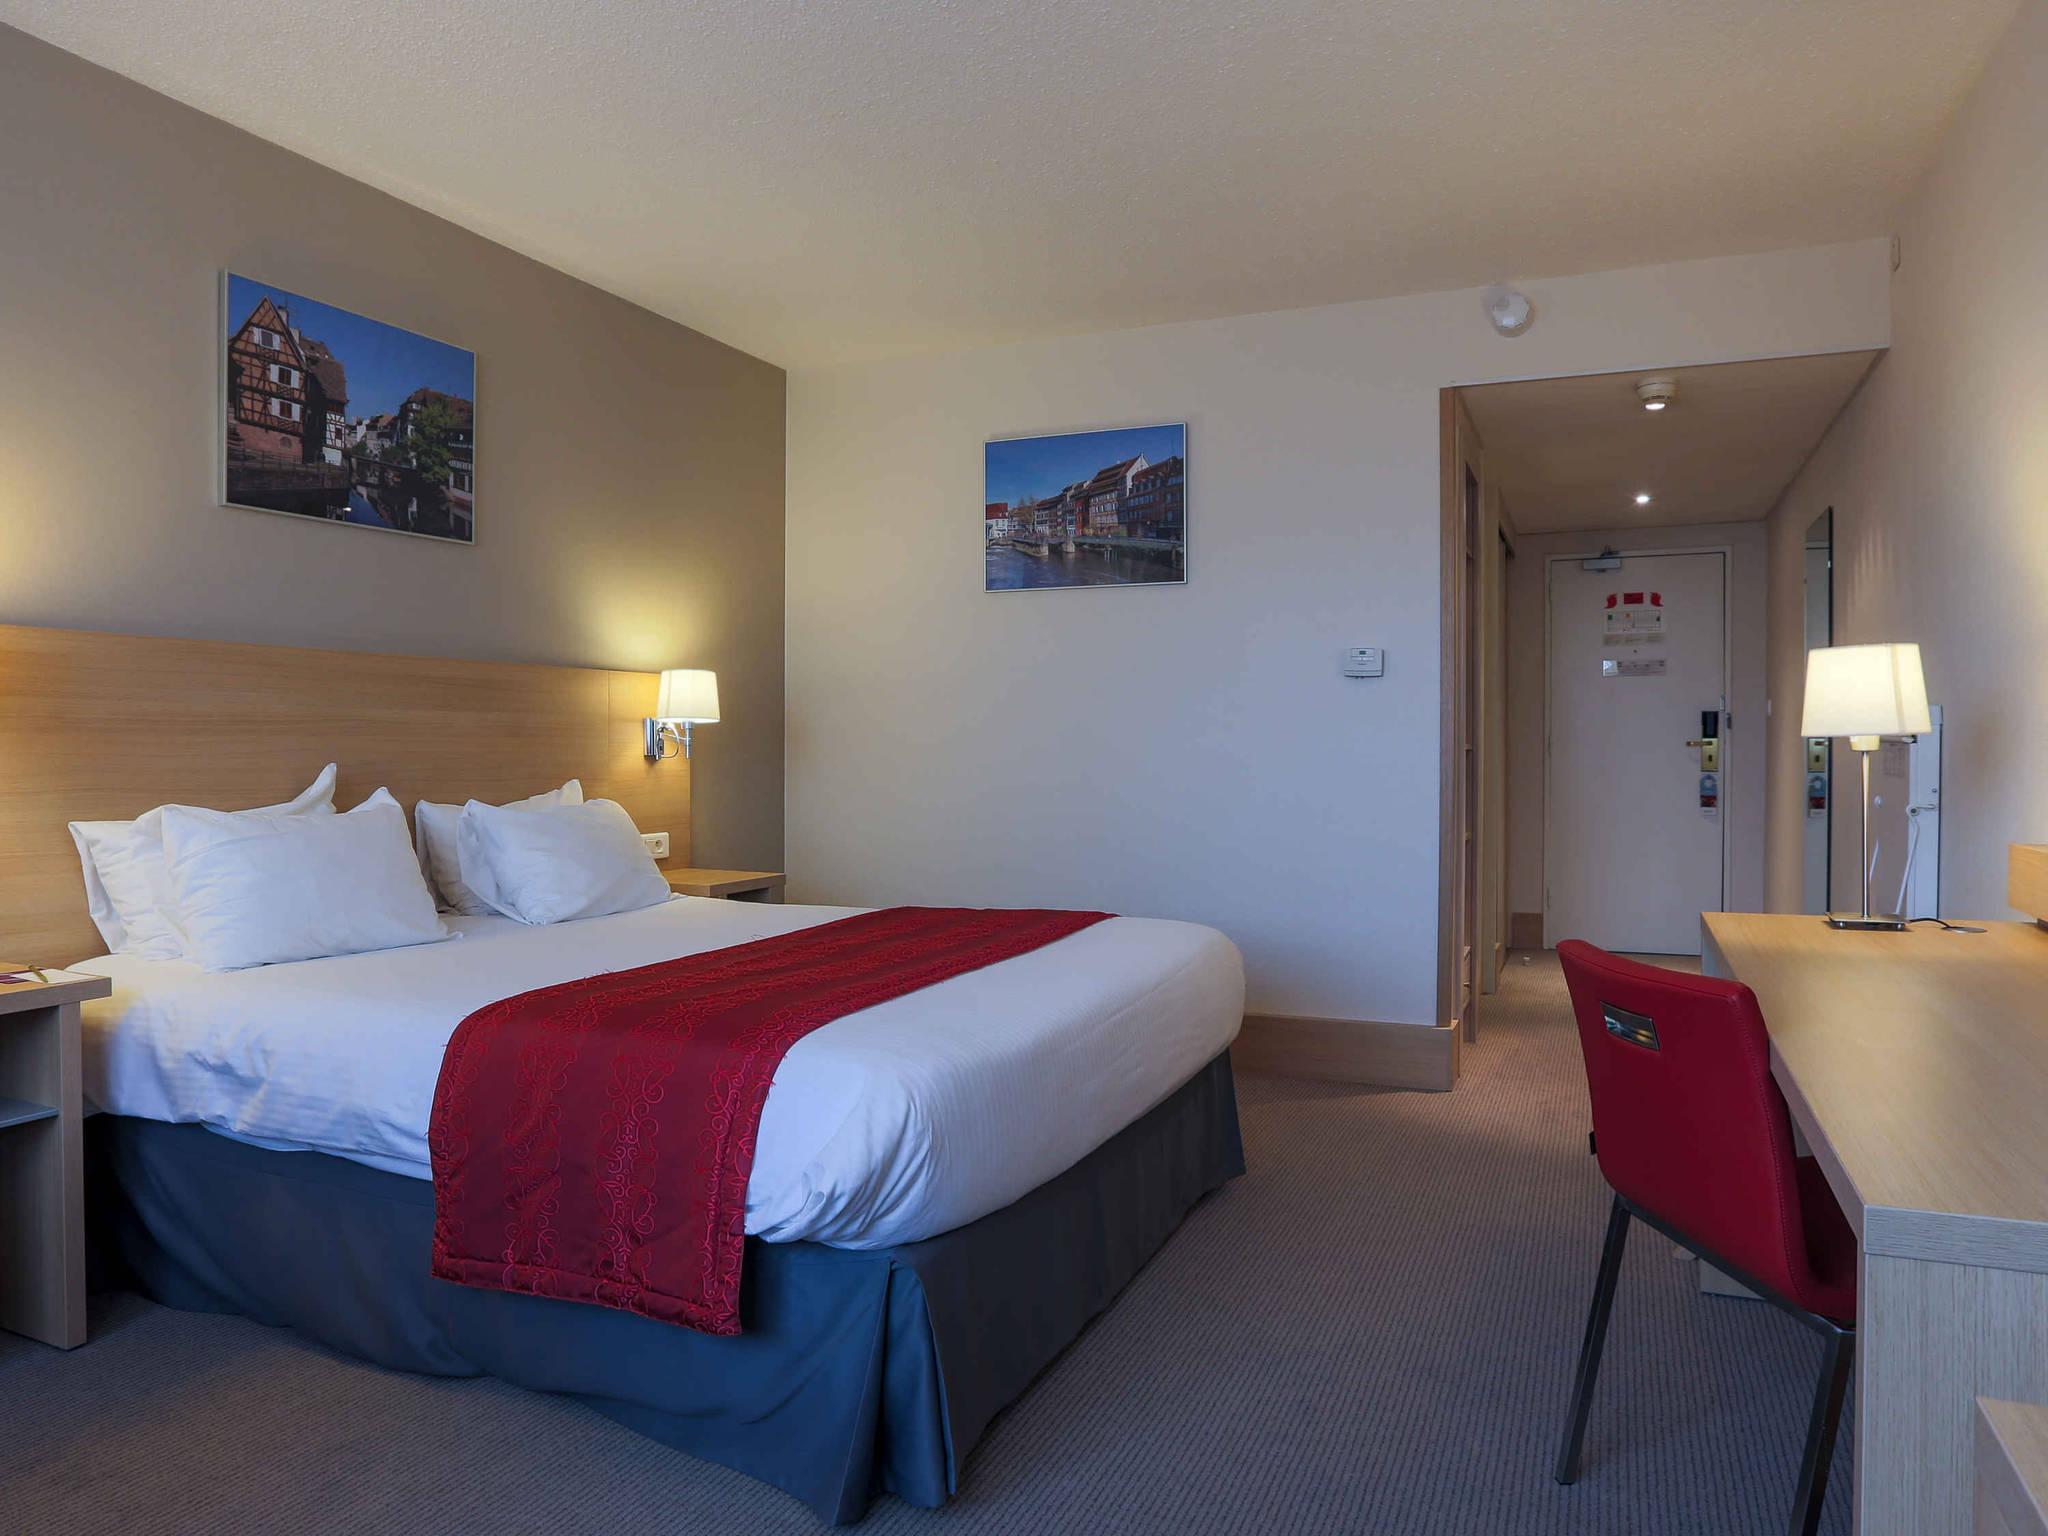 Hotel in STRASBOURG - Mercure Strasbourg Palais des Congres Hotel